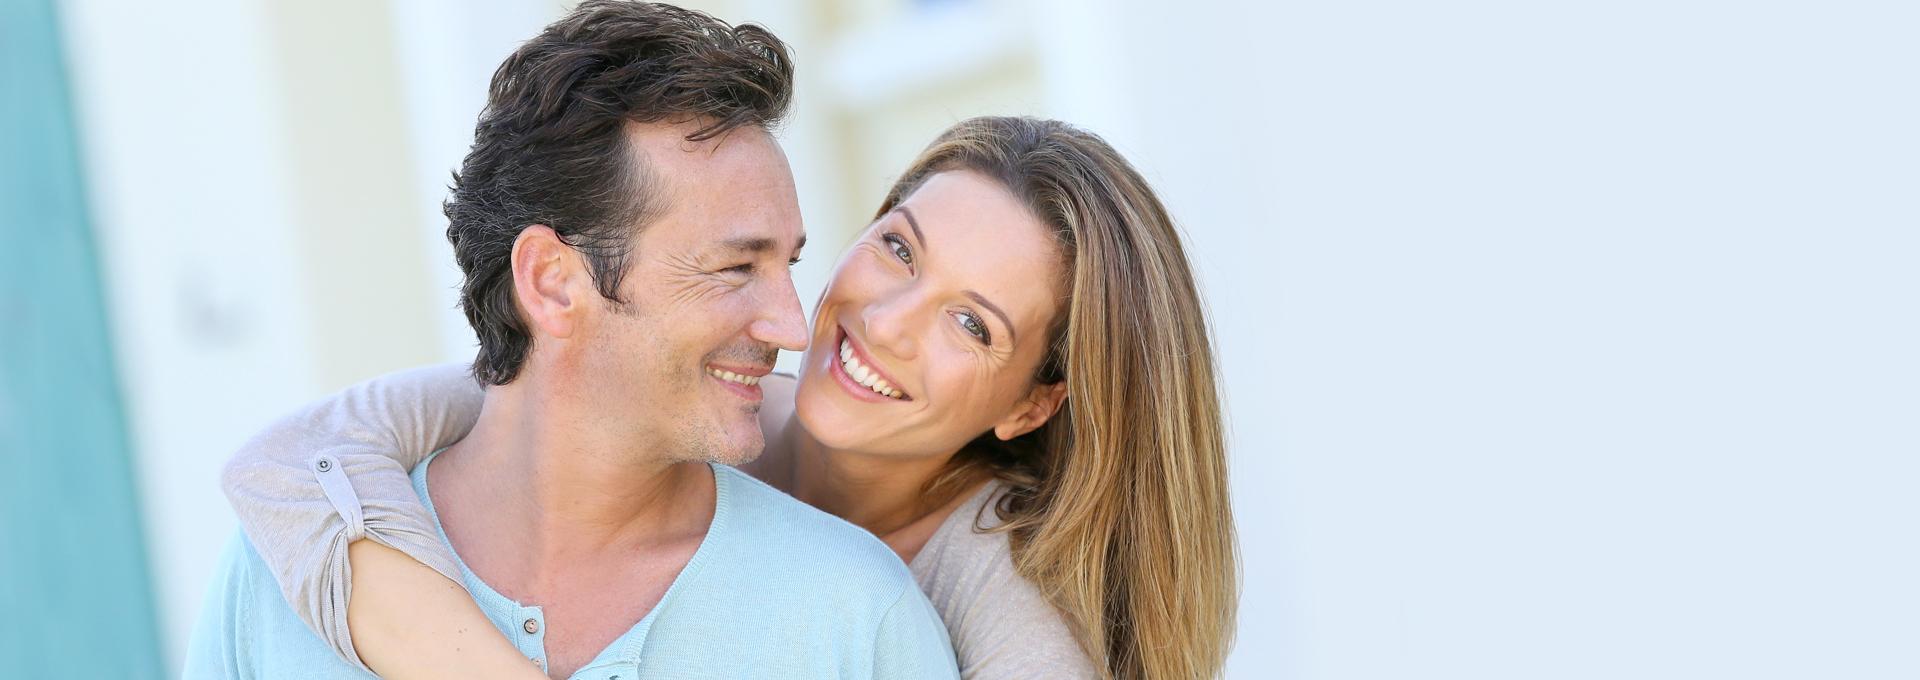 The Difference Between Dental Implants vs Veneers